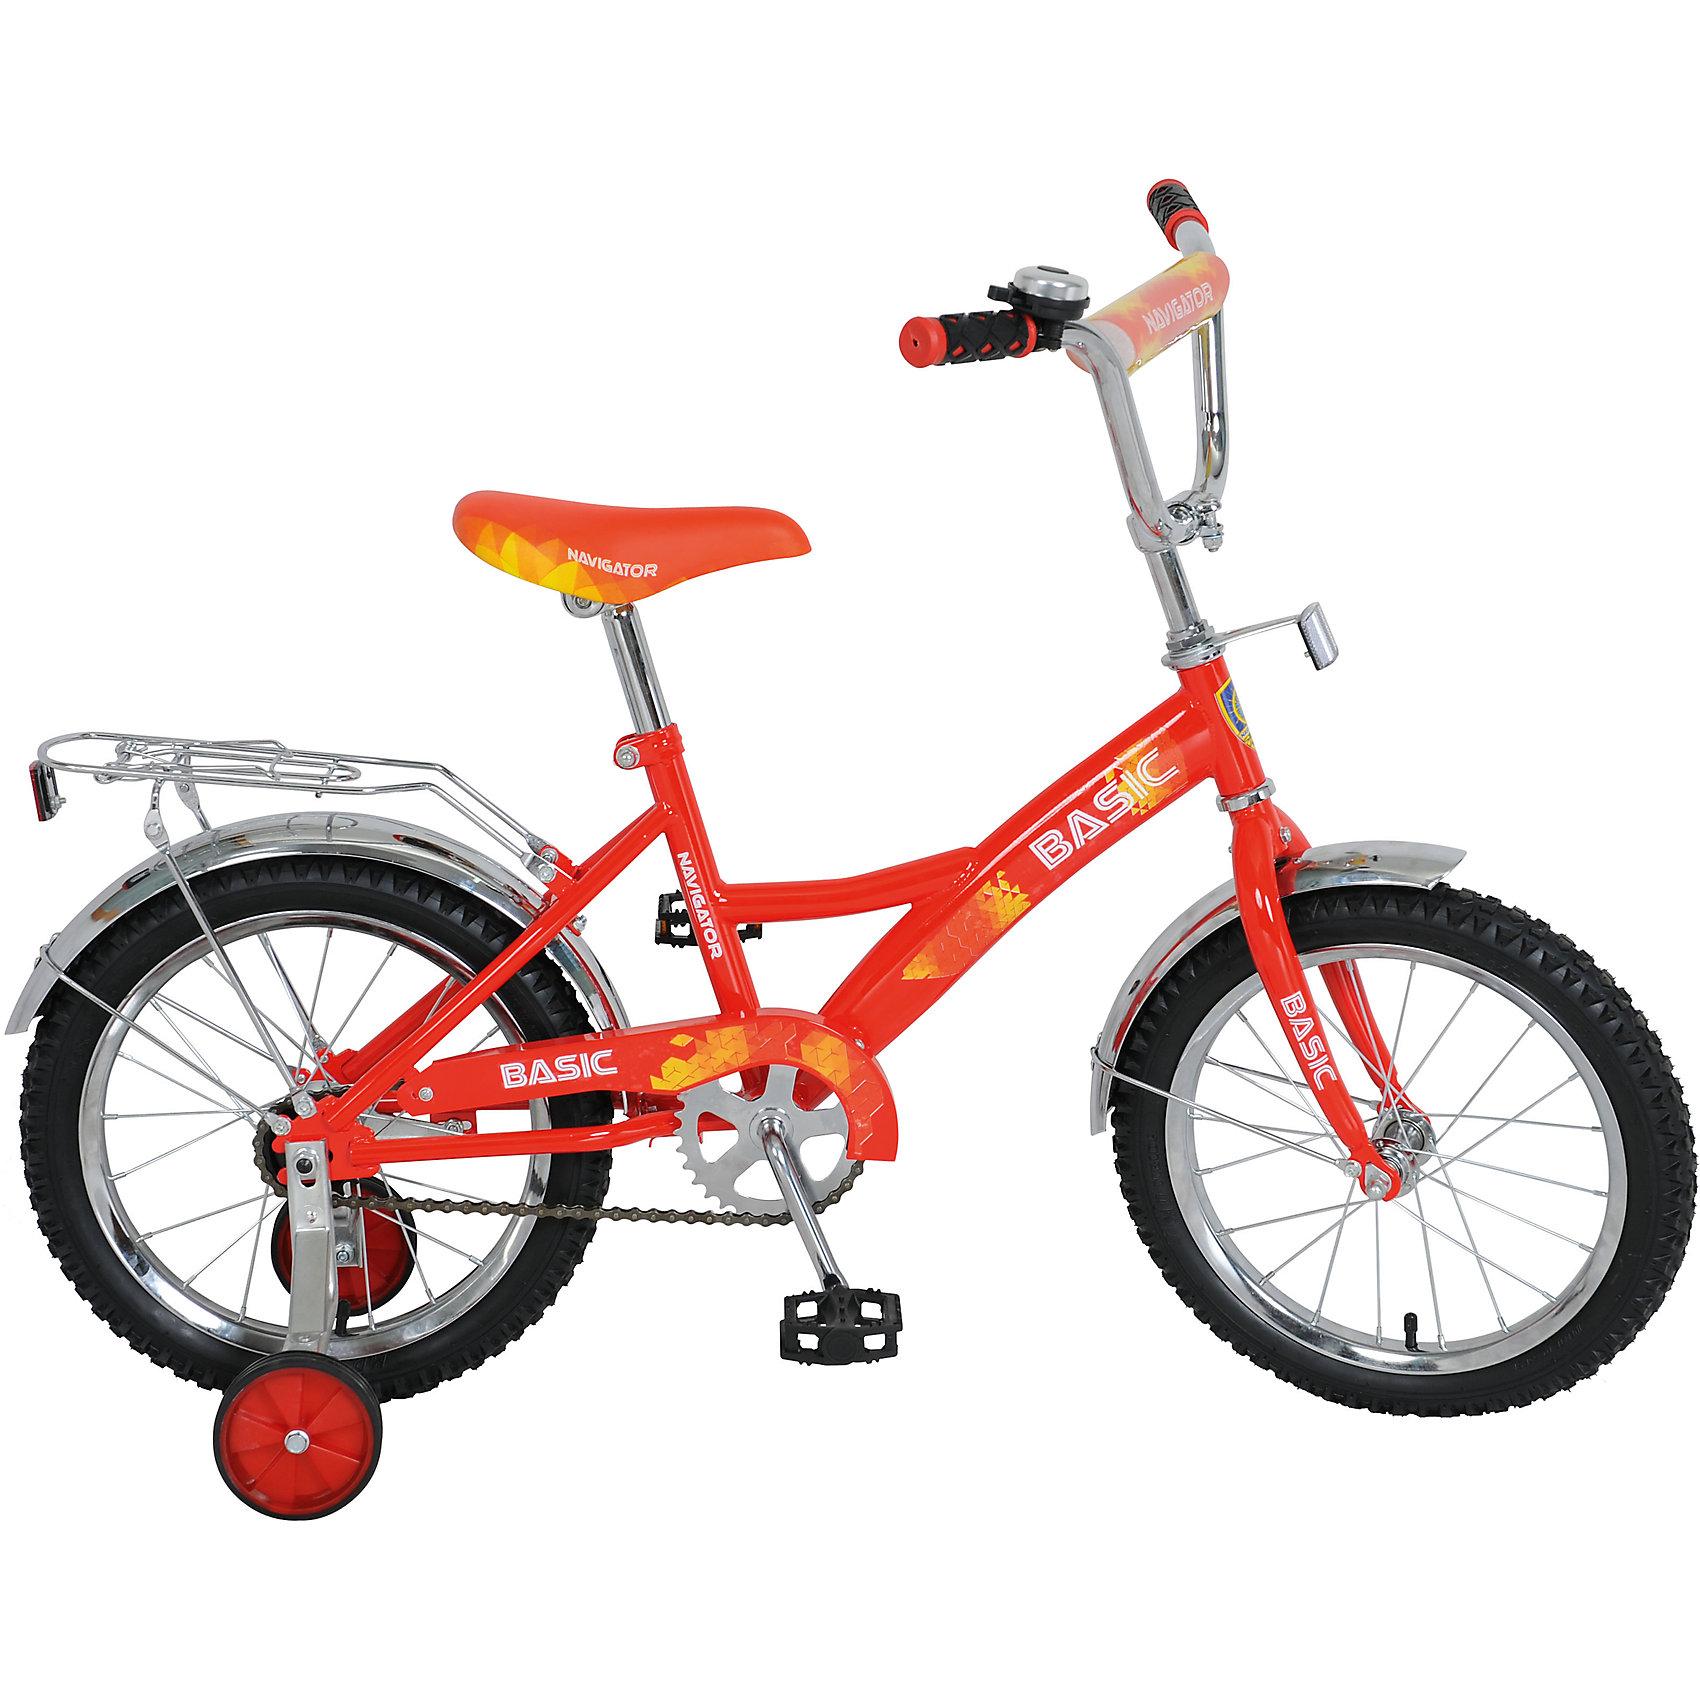 Велосипед Basic, красно-желтый, NavigatorВелосипеды детские<br>Велосипед Basic, красно-желтый, Navigator (Навигатор) – это яркий, стильный, надежный велосипед высокого качества.<br>Детский велосипед Basic KITE-тип, обладает яркой расцветкой и стильными формами. продуманная конструкция сводит к минимуму риск получить травму. Рама велосипеда выполнена из высокопрочного металла. Покрытие рамы устойчиво к царапинам. Высота руля и сиденья легко регулируется в соответствии с возрастом и ростом ребенка. Мягкая накладка на руле обеспечит небольшое смягчение при падении на руль. Колеса оснащены резиновыми шинами, которые хорошо удерживают воздух. Велосипед имеет дополнительные широкие страховочные колеса, защиту цепи, стальные обода для защиты от брызг, удобное сиденье эргономичной формы, звонок, задний багажник. На ручках руля нескользящие накладки. Катание на велосипеде поможет ребенку укрепить опорно-двигательную и сердечнососудистую системы.<br><br>Дополнительная информация:<br><br>- Возрастная категория: от 5 до 7 лет<br>- Подходит для детей ростом 100 - 125 см.<br>- Диаметр колёс: 16 дюймов<br>- Односоставной шатун<br>- Ножной тормоз<br>- Материал рамы: сталь<br>- Цвет: красный, желтый<br>- Вес в упаковке: 10,9 кг.<br><br>Велосипед Basic, красно-желтый, Navigator (Навигатор) можно купить в нашем интернет-магазине.<br><br>Ширина мм: 890<br>Глубина мм: 170<br>Высота мм: 420<br>Вес г: 10900<br>Возраст от месяцев: 60<br>Возраст до месяцев: 120<br>Пол: Унисекс<br>Возраст: Детский<br>SKU: 4655121